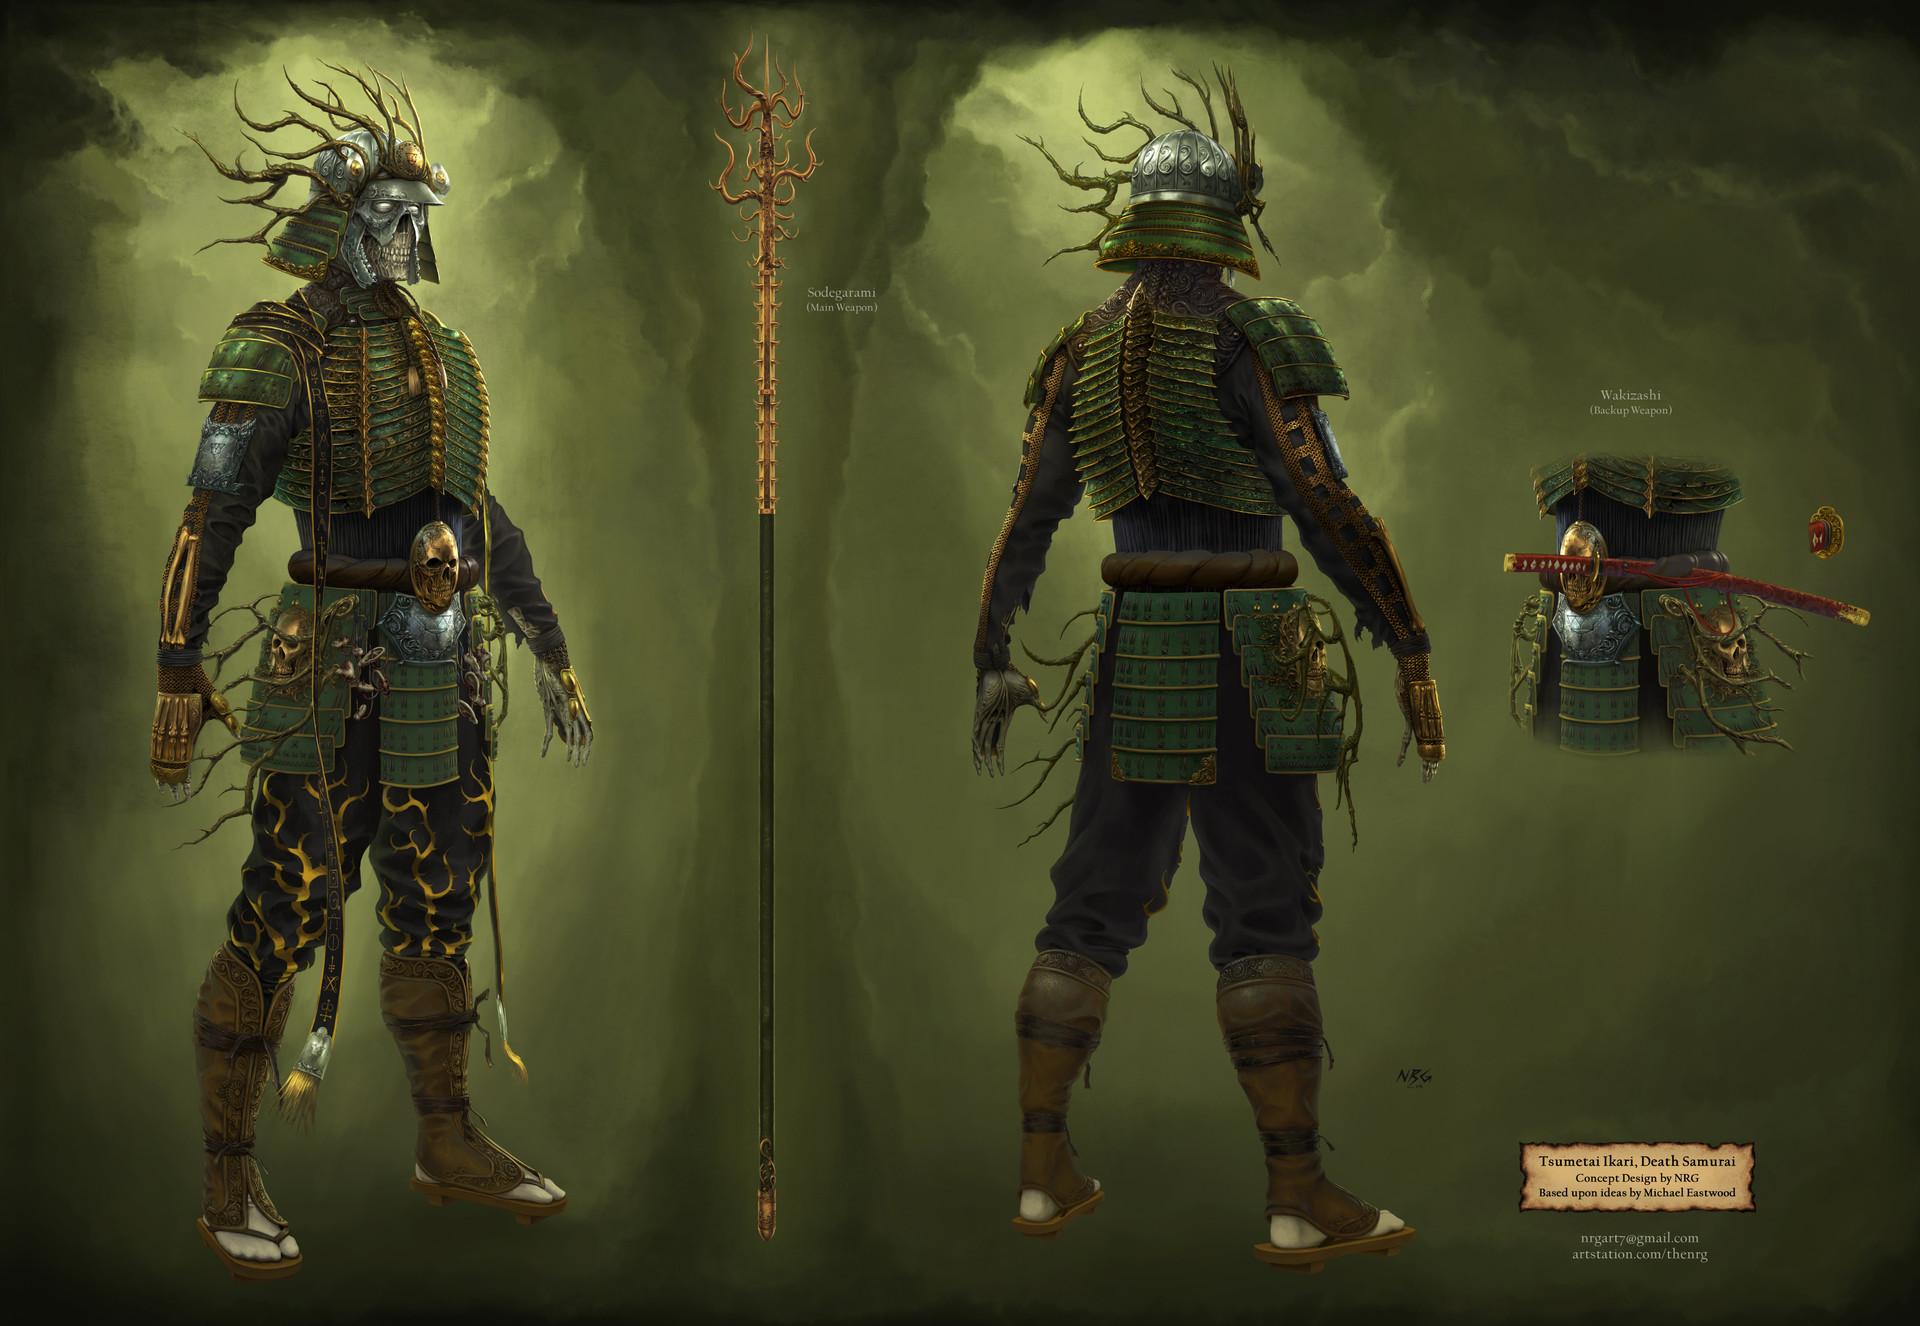 The nrg tsumetai ikari death samurai statue concept design final by nrg web